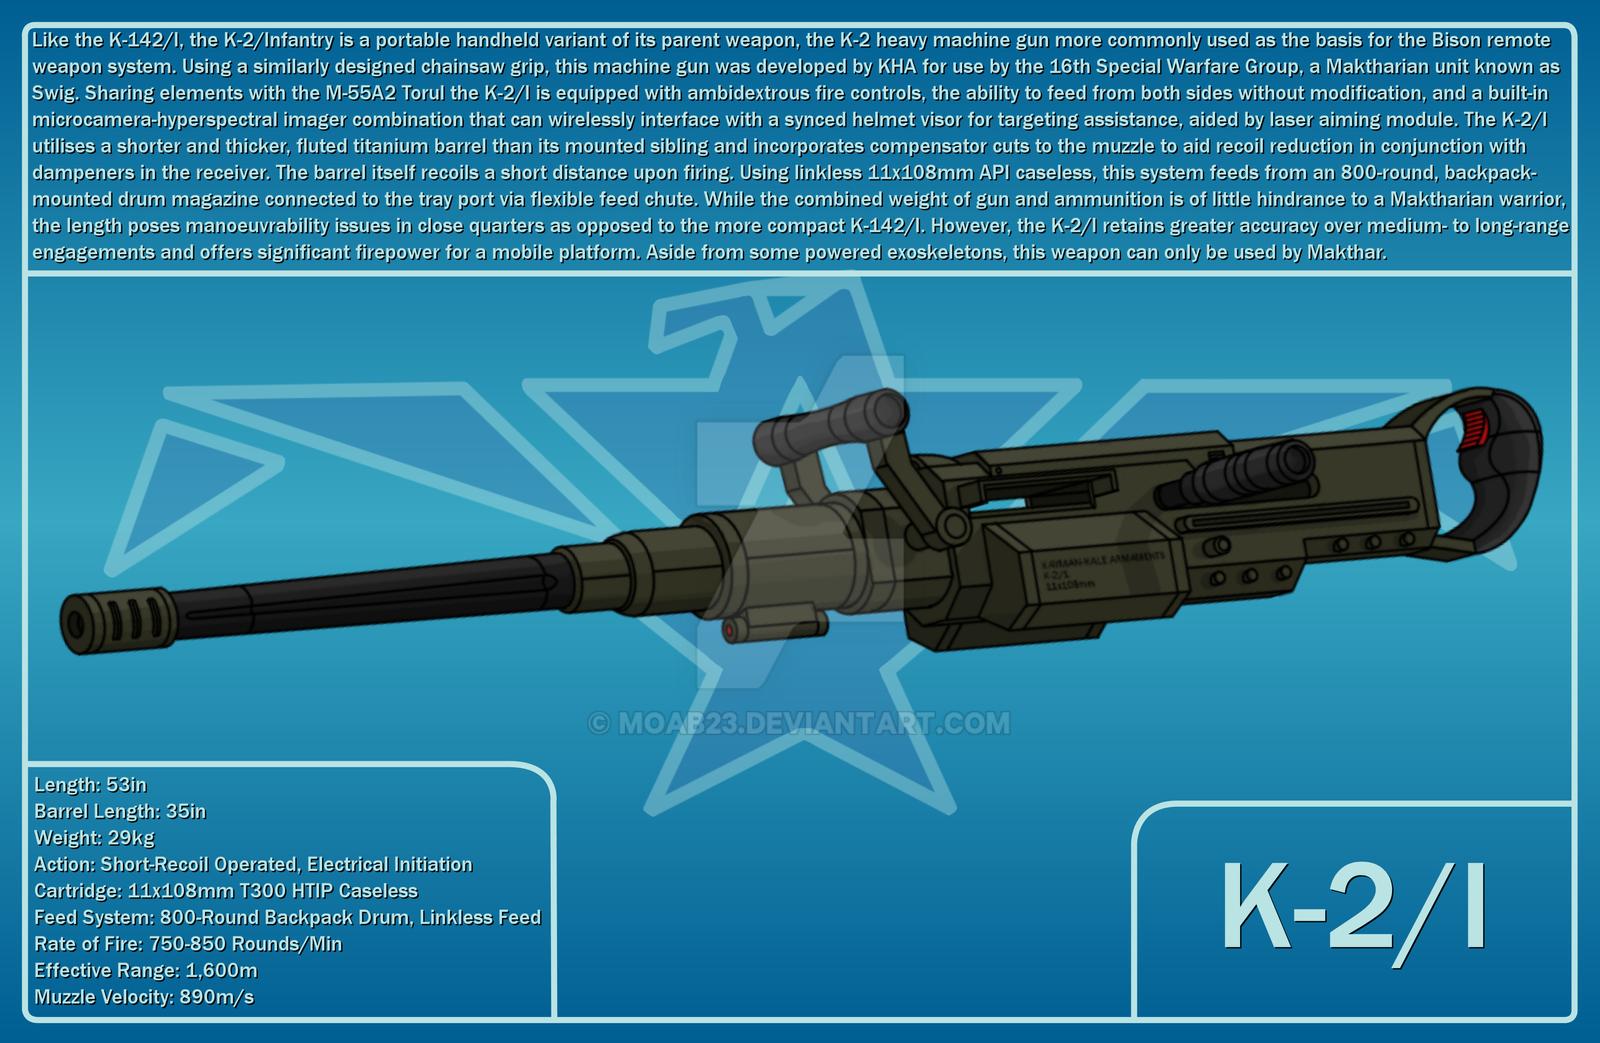 K-2/I by MOAB23